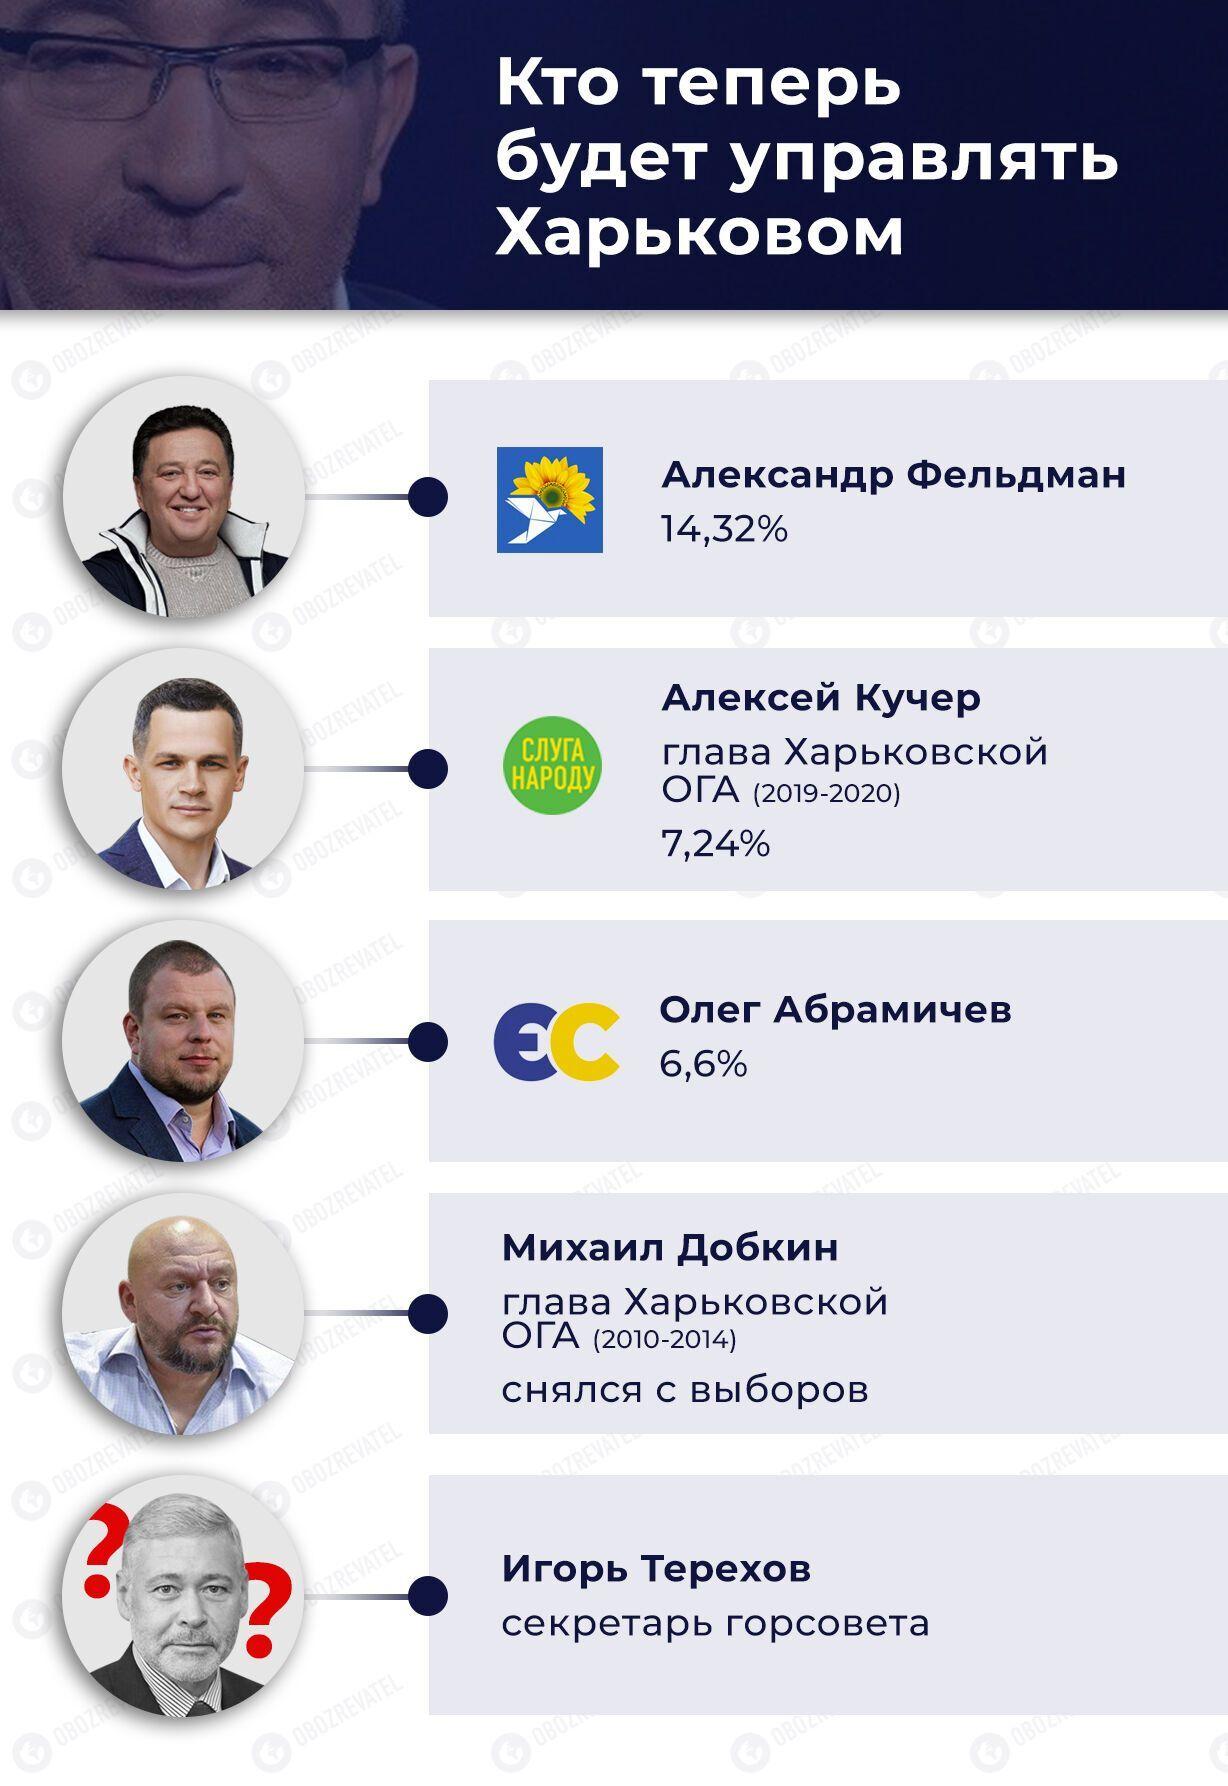 Кто может претендовать на пост мэра Харькова